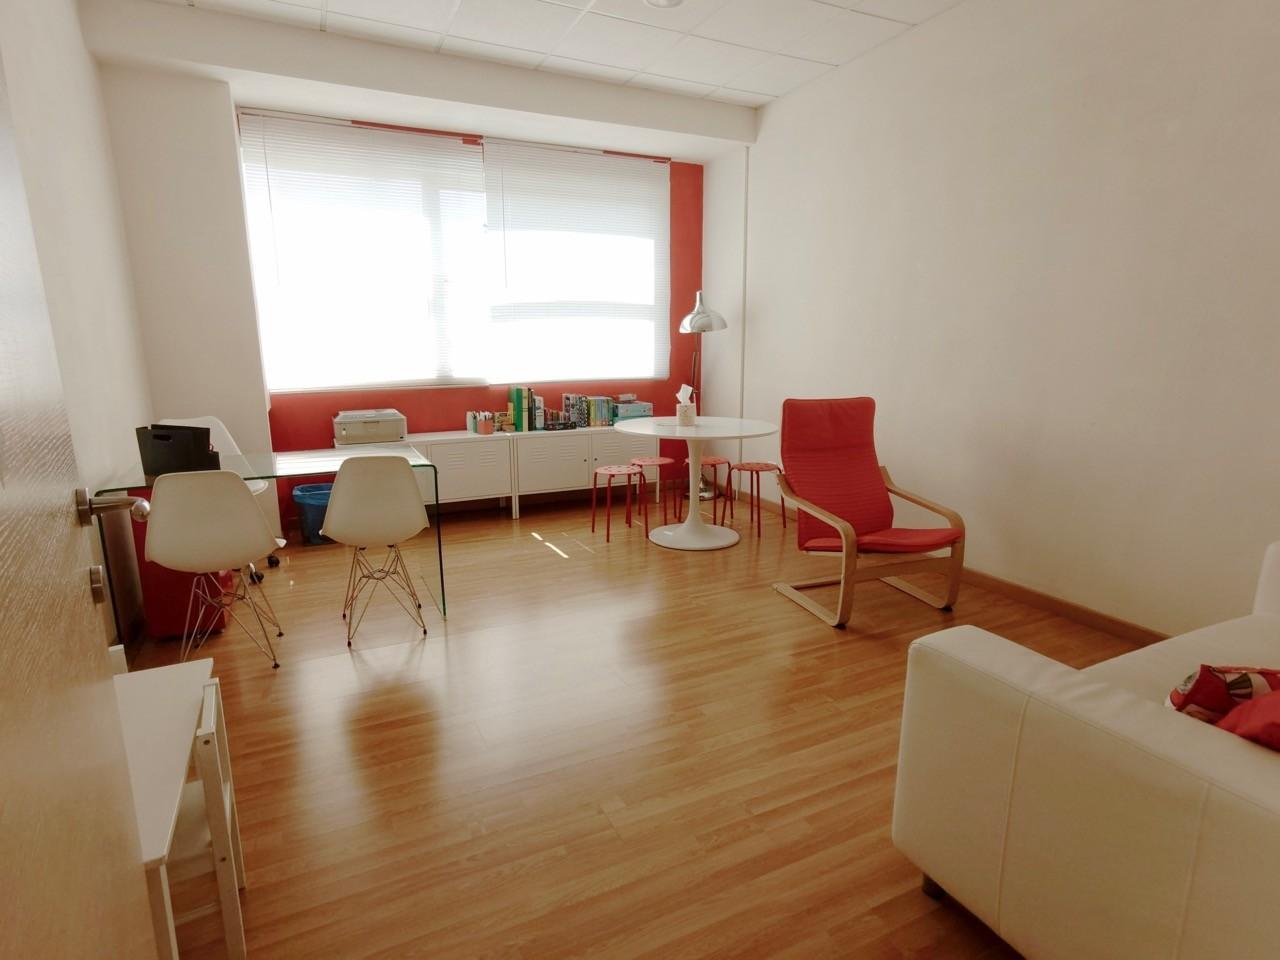 Capannone direzionale in affitto commerciale a San Giuliano Terme (PI)